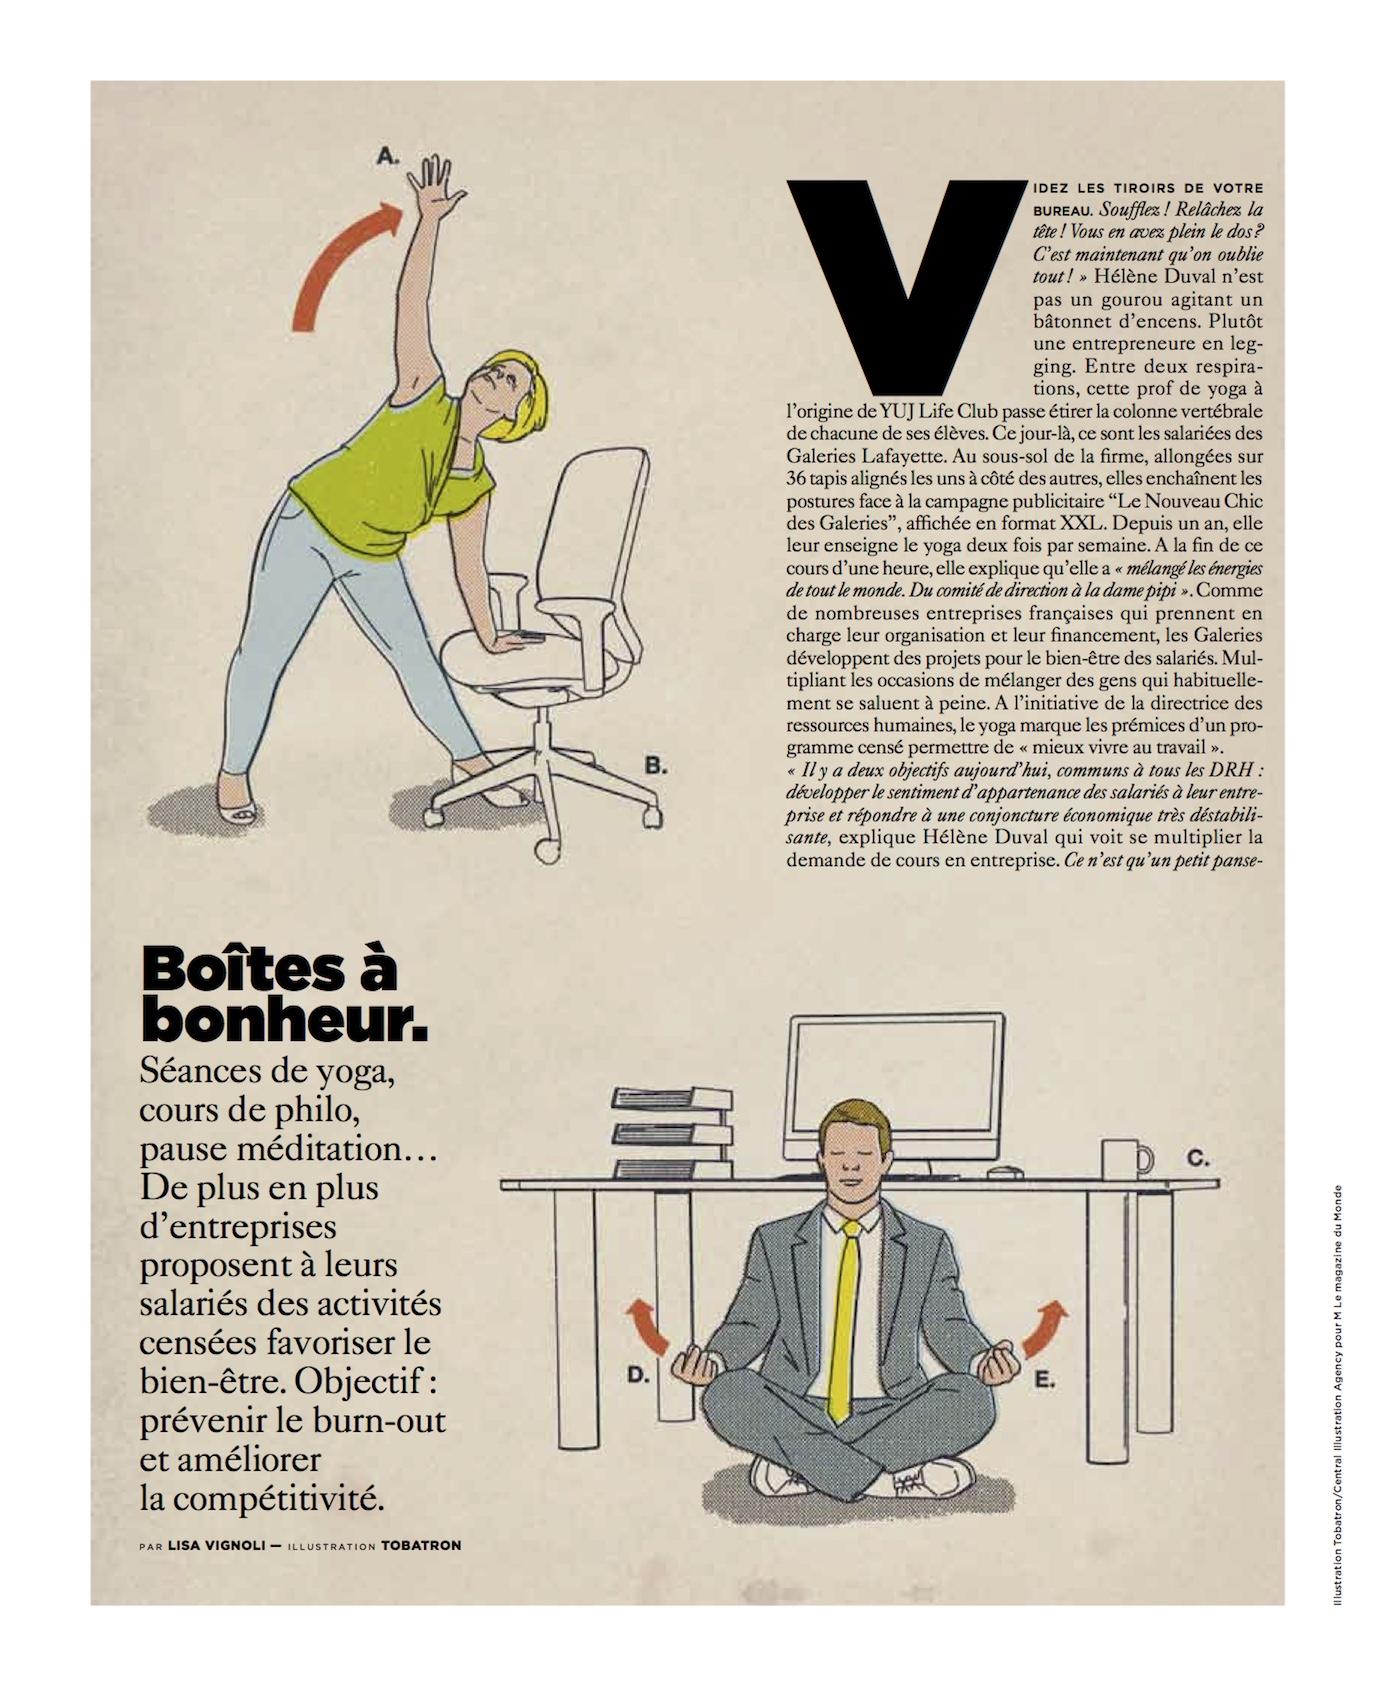 M Le Monde, page 1